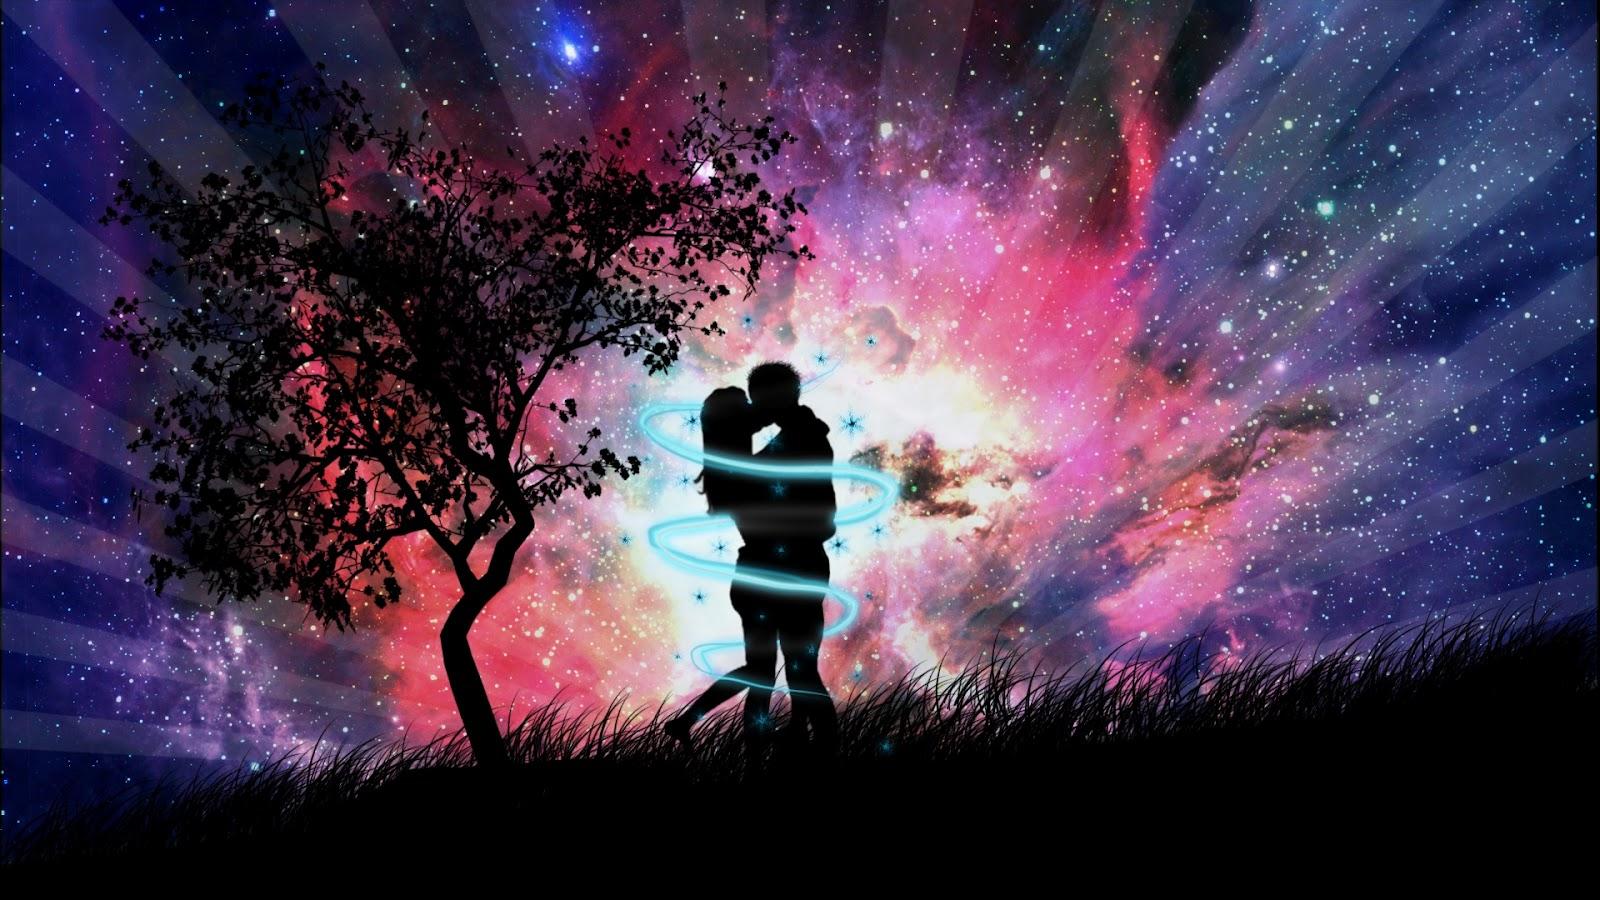 http://1.bp.blogspot.com/-E_NrJYyFpmw/T2GugzV1bCI/AAAAAAAAAqc/E17gwg7AD0g/s1600/Love+Couple+In+The+Night.jpeg